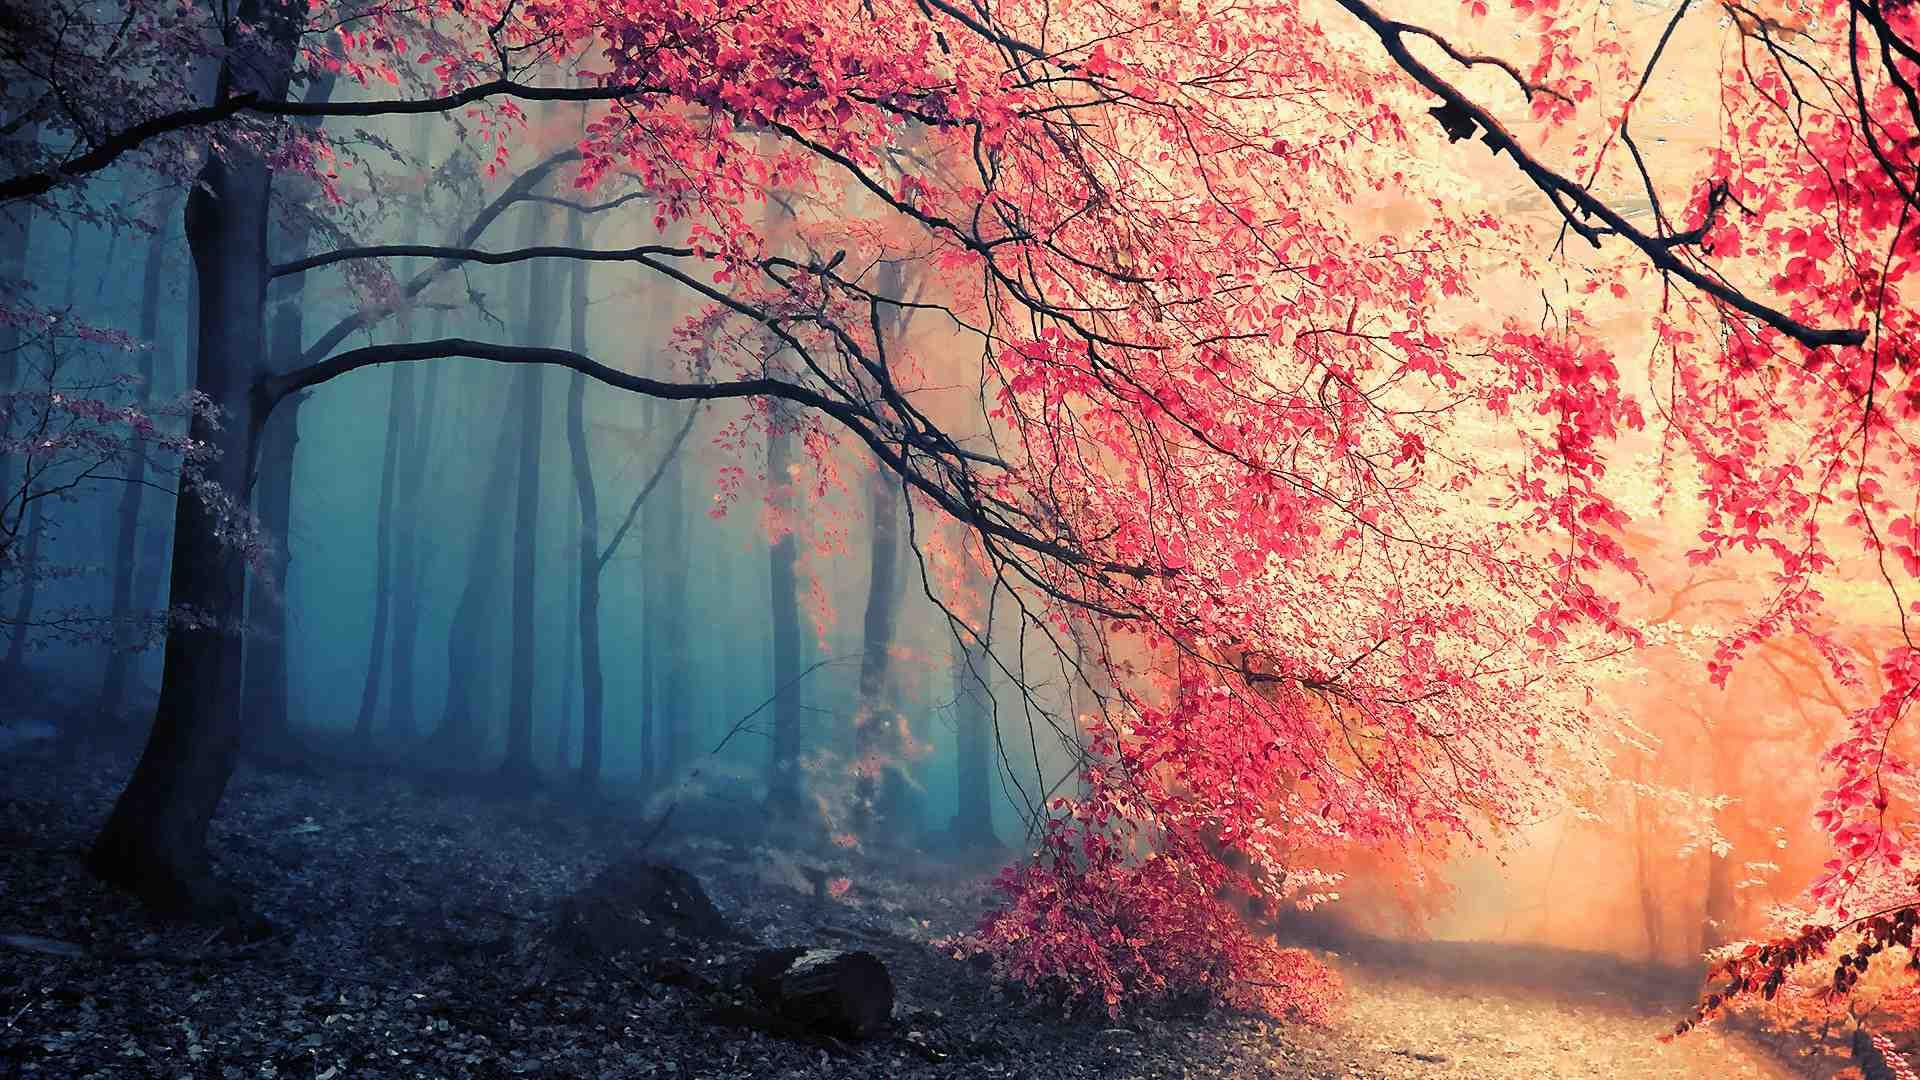 Hình nền thiên nhiên đẹp kích thước Full HD